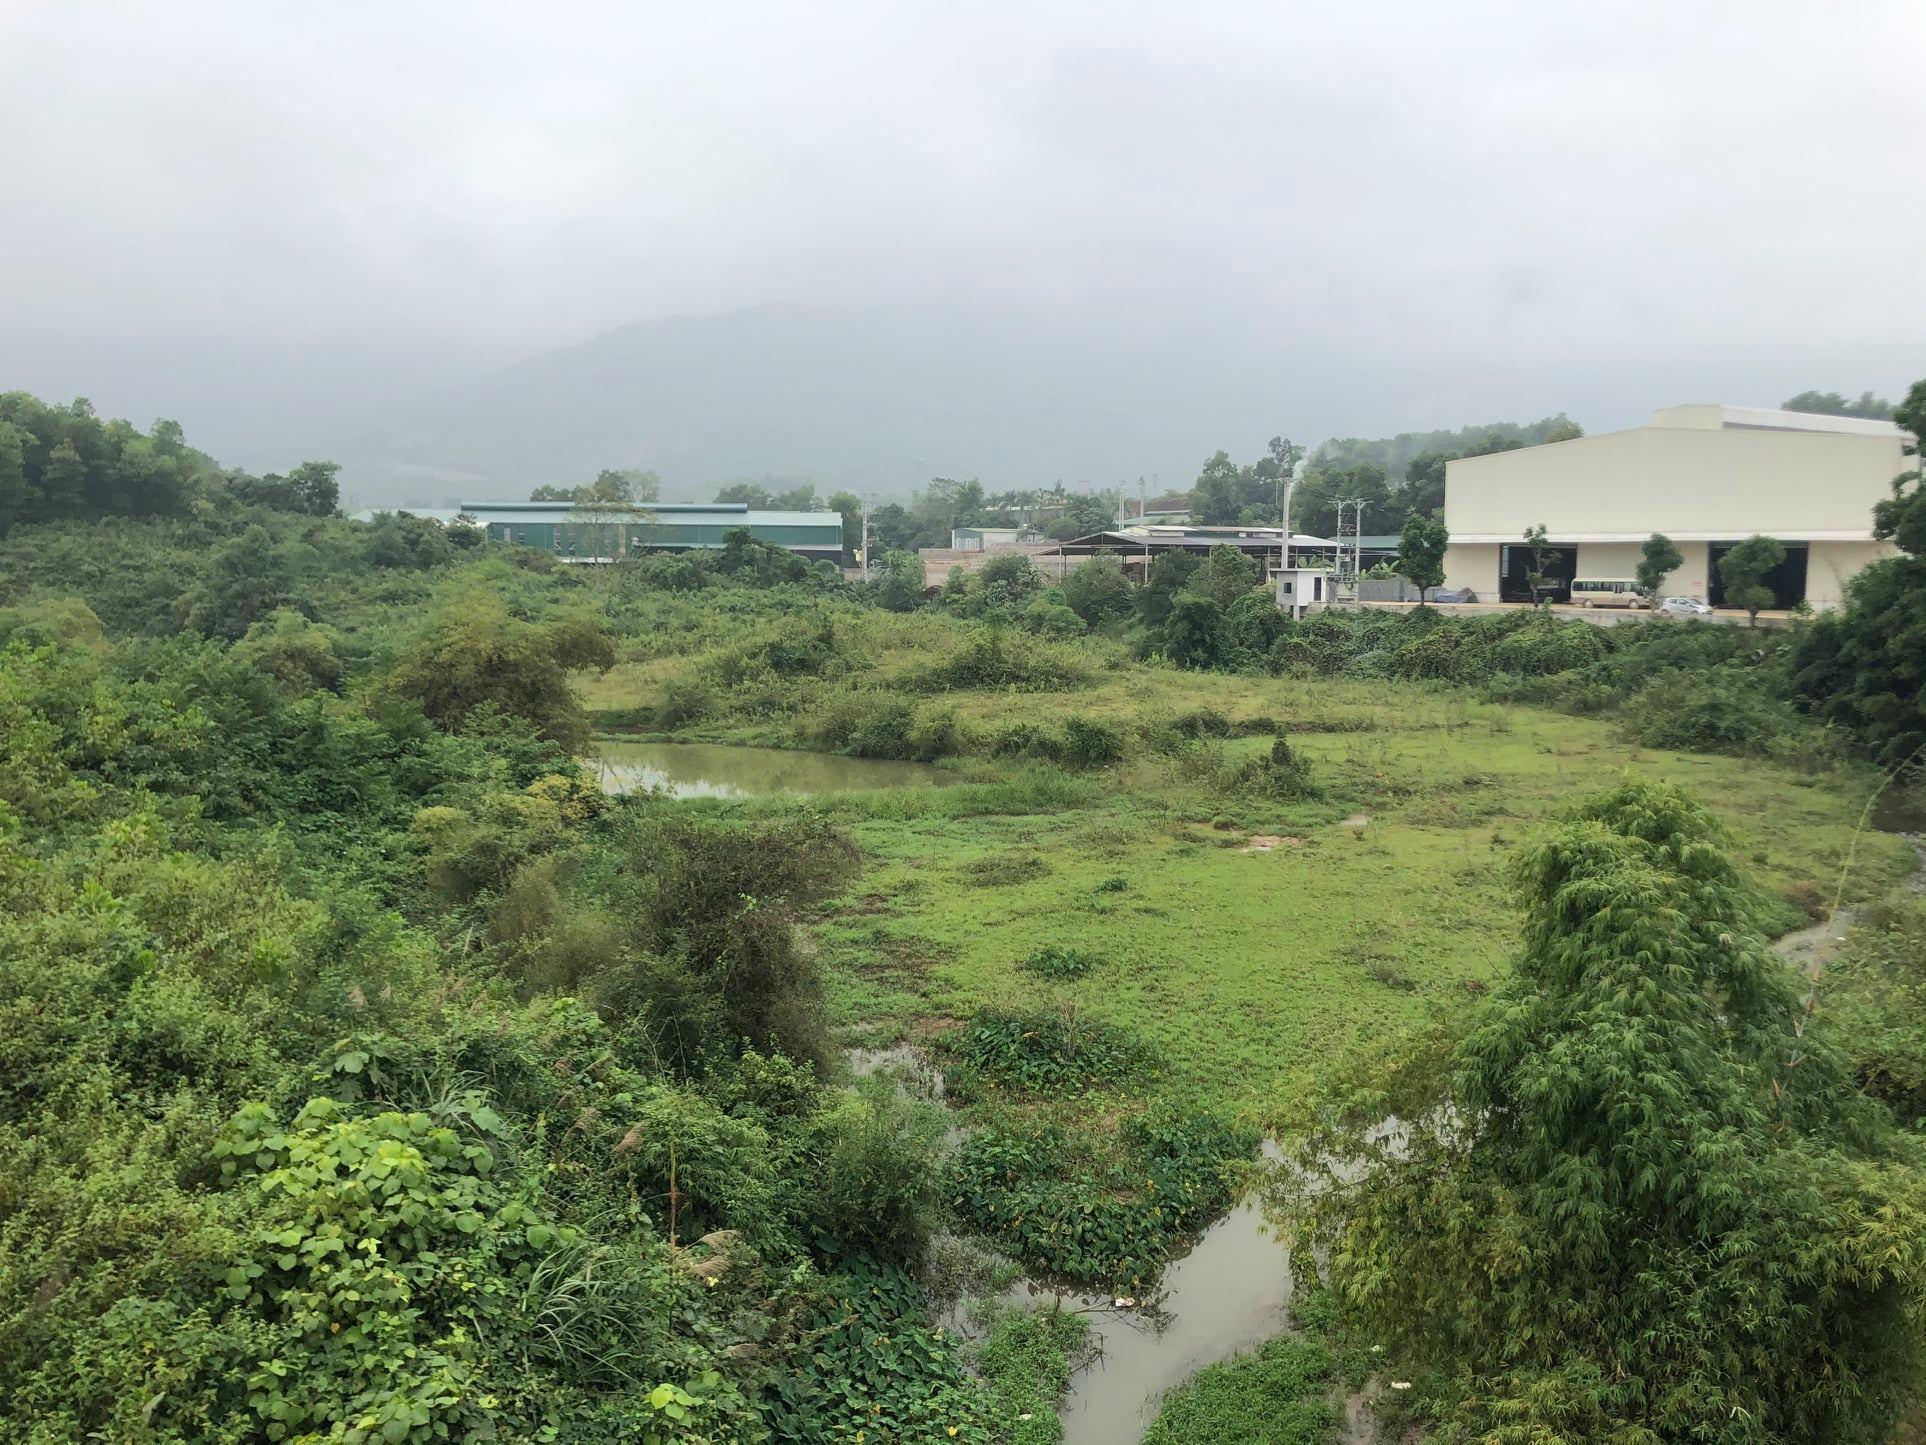 108 lô đất nền trục chính đường Bãi Dài, xã Tiến Xuân, huyện Thạch Thất